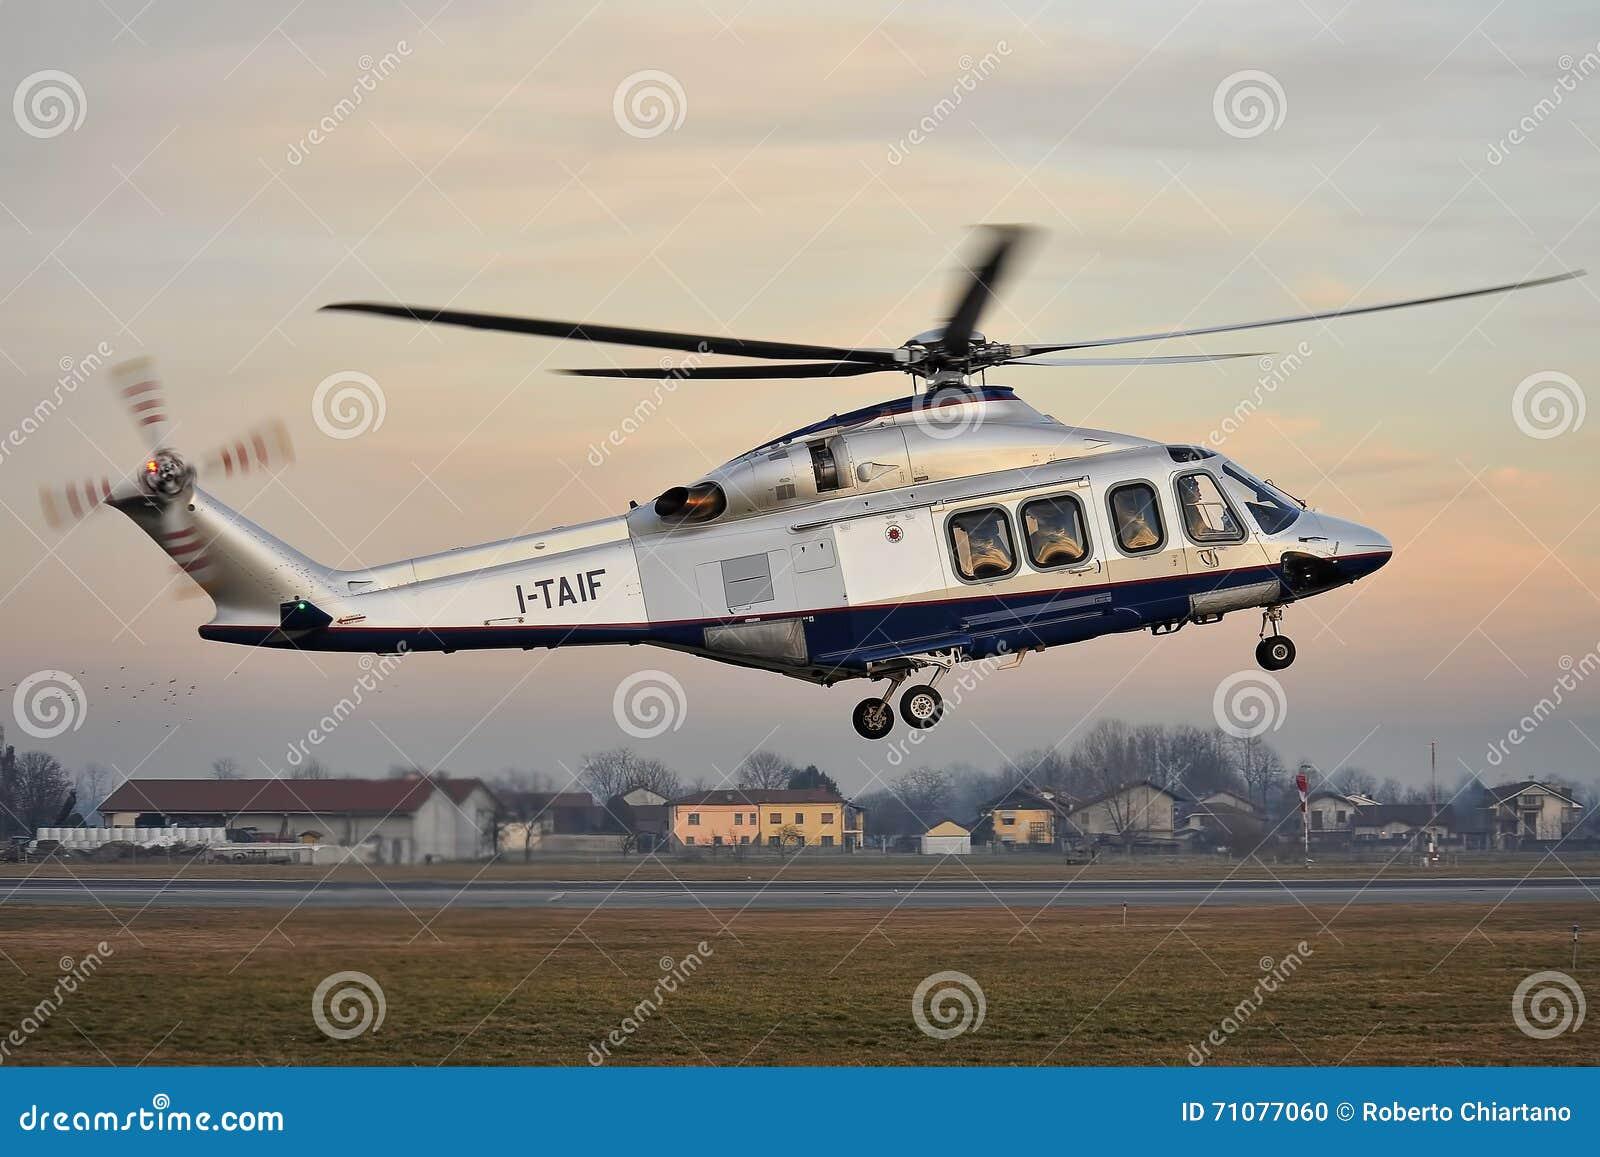 Elicottero Usato : Elicottero agusta westland aw 139 di fiat immagine editoriale